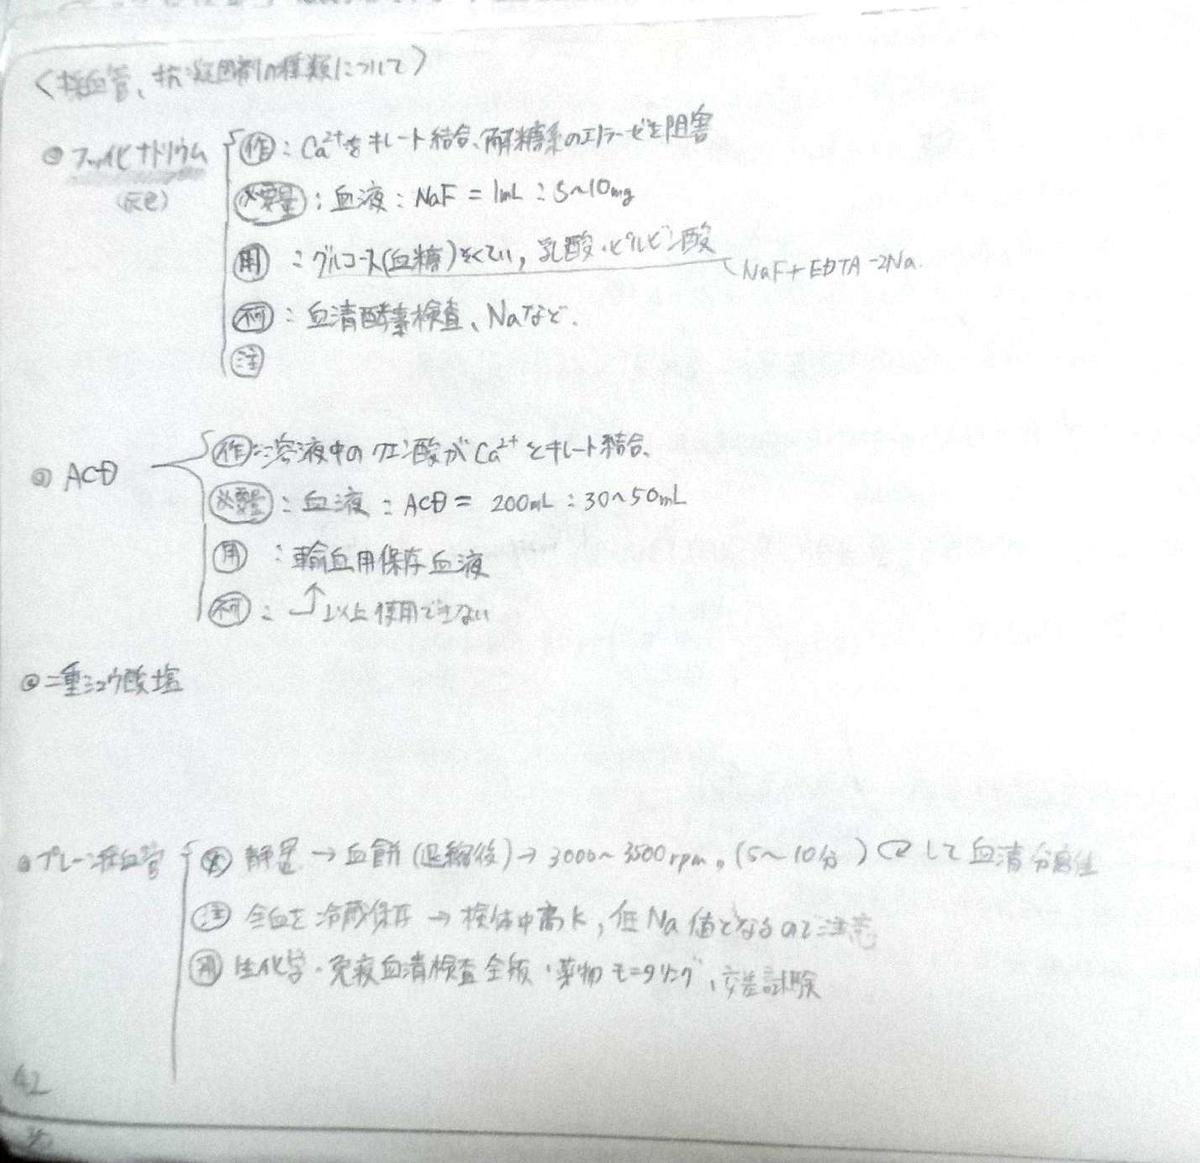 臨床 検査 技師 国家 試験 63